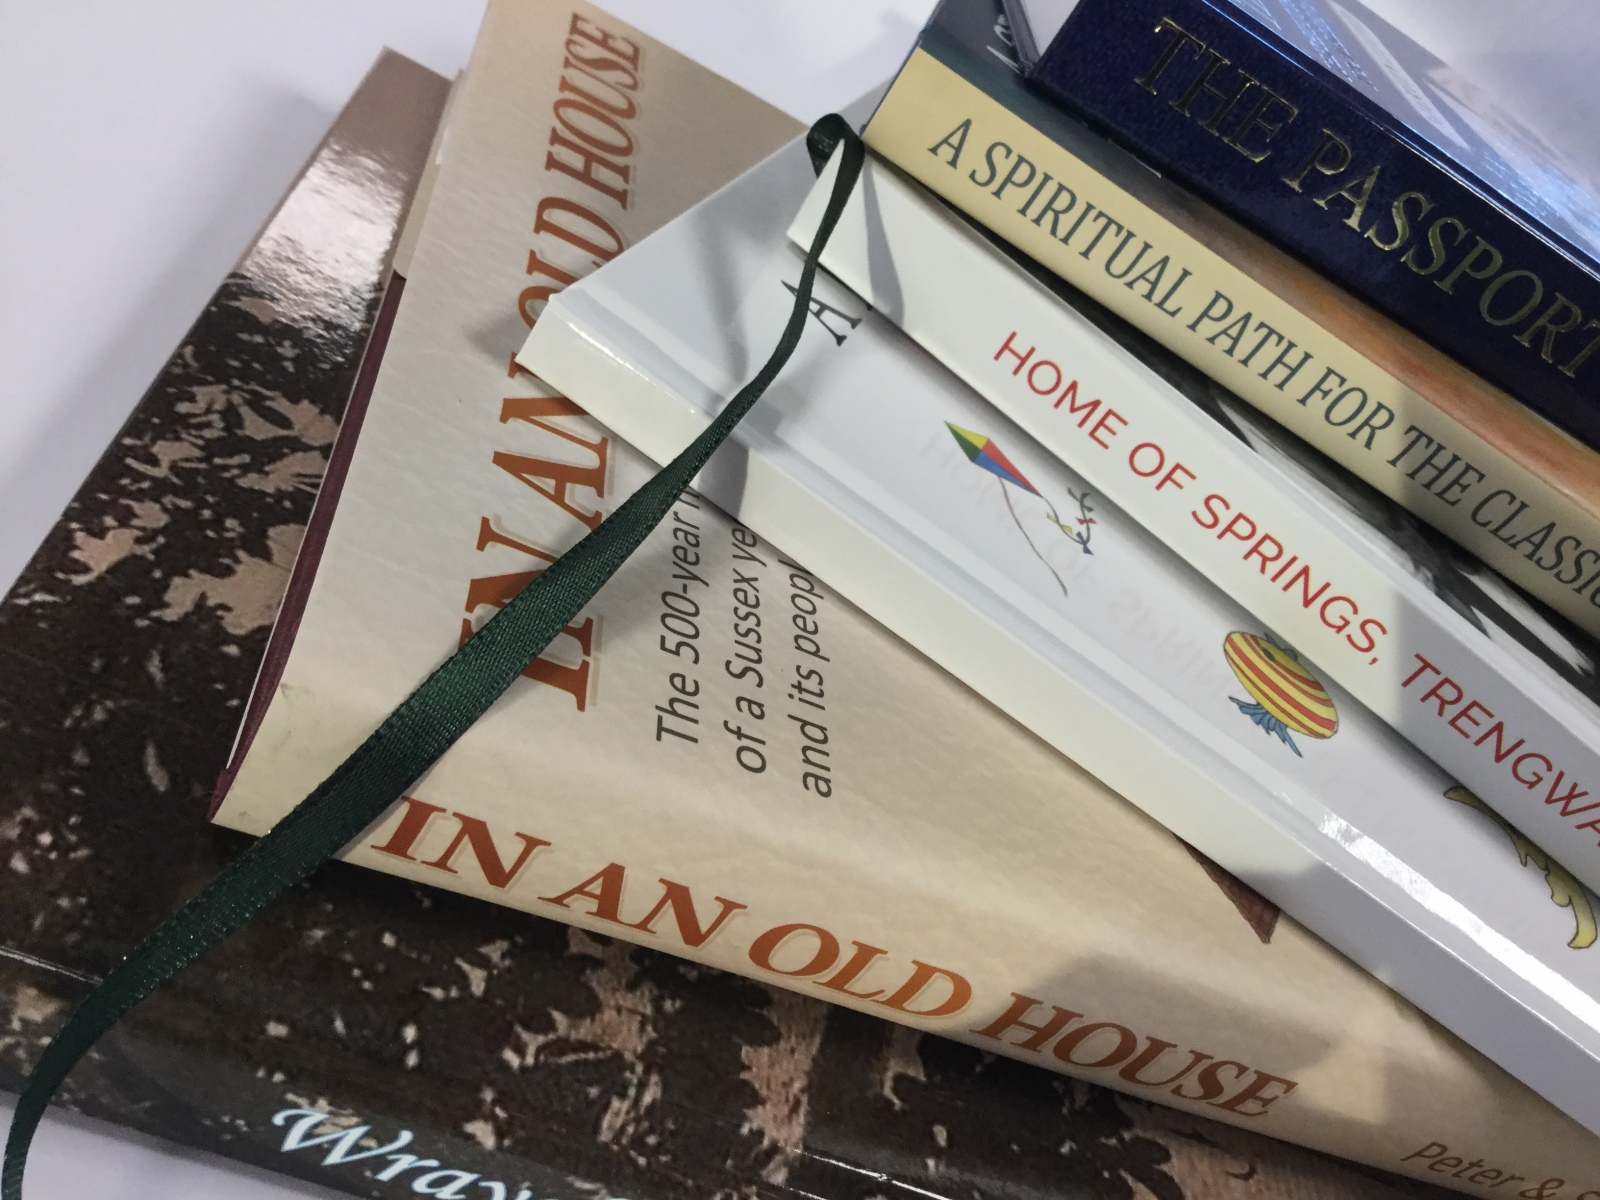 Hardback Books